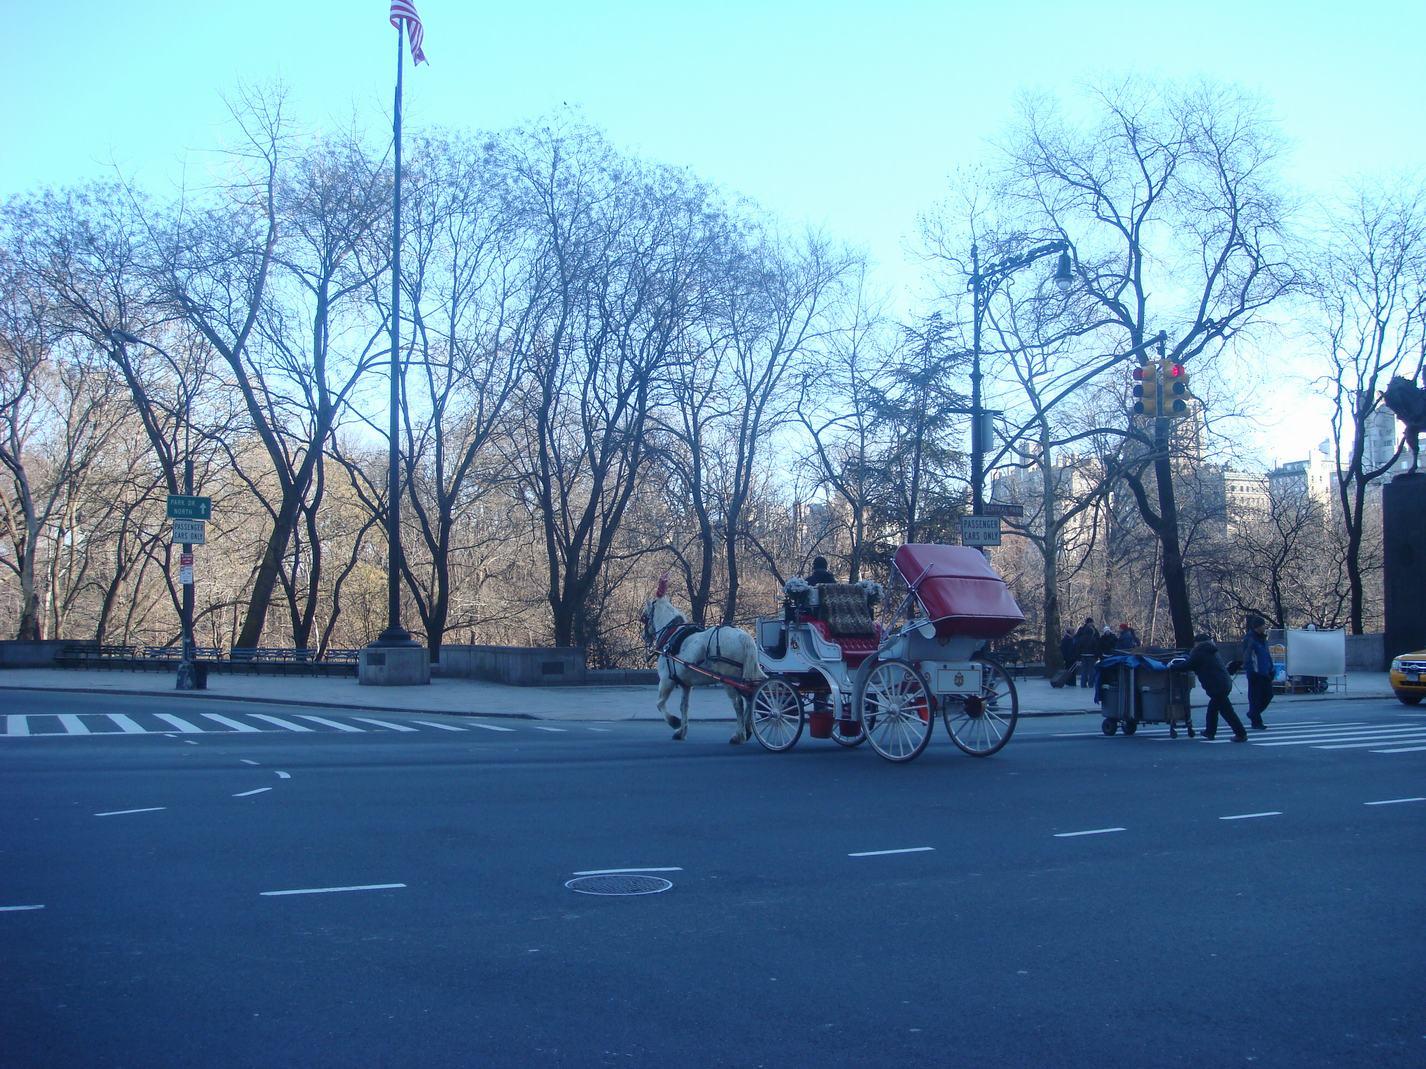 ニューヨークの街の中の散歩、_d0100880_23102367.jpg